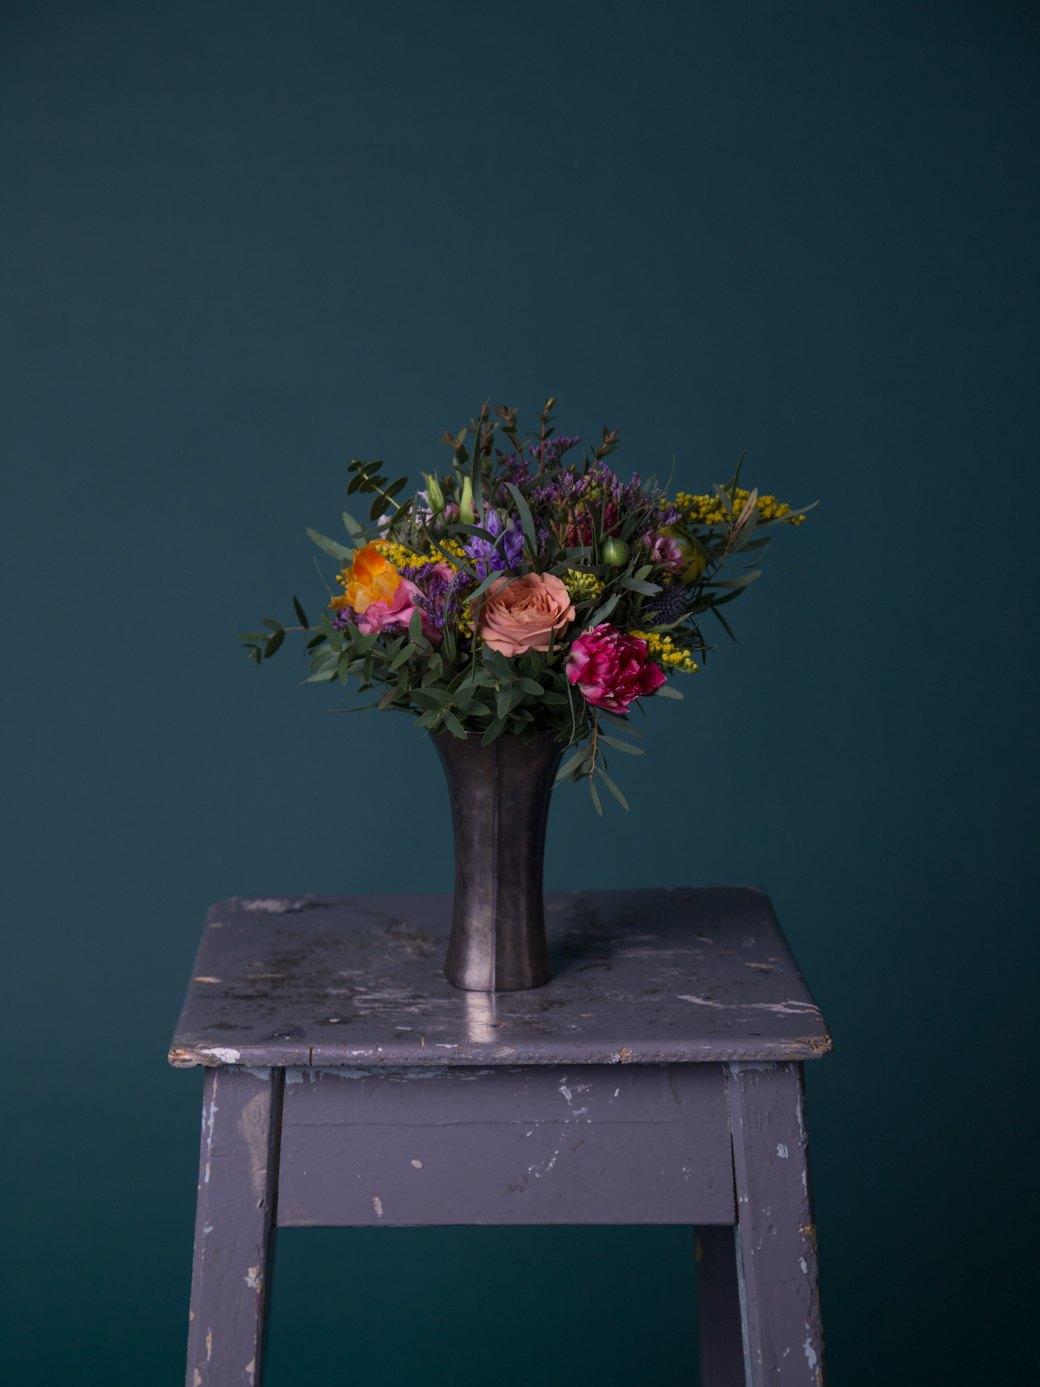 Сколько стоит букет цветов?. Изображение № 24.